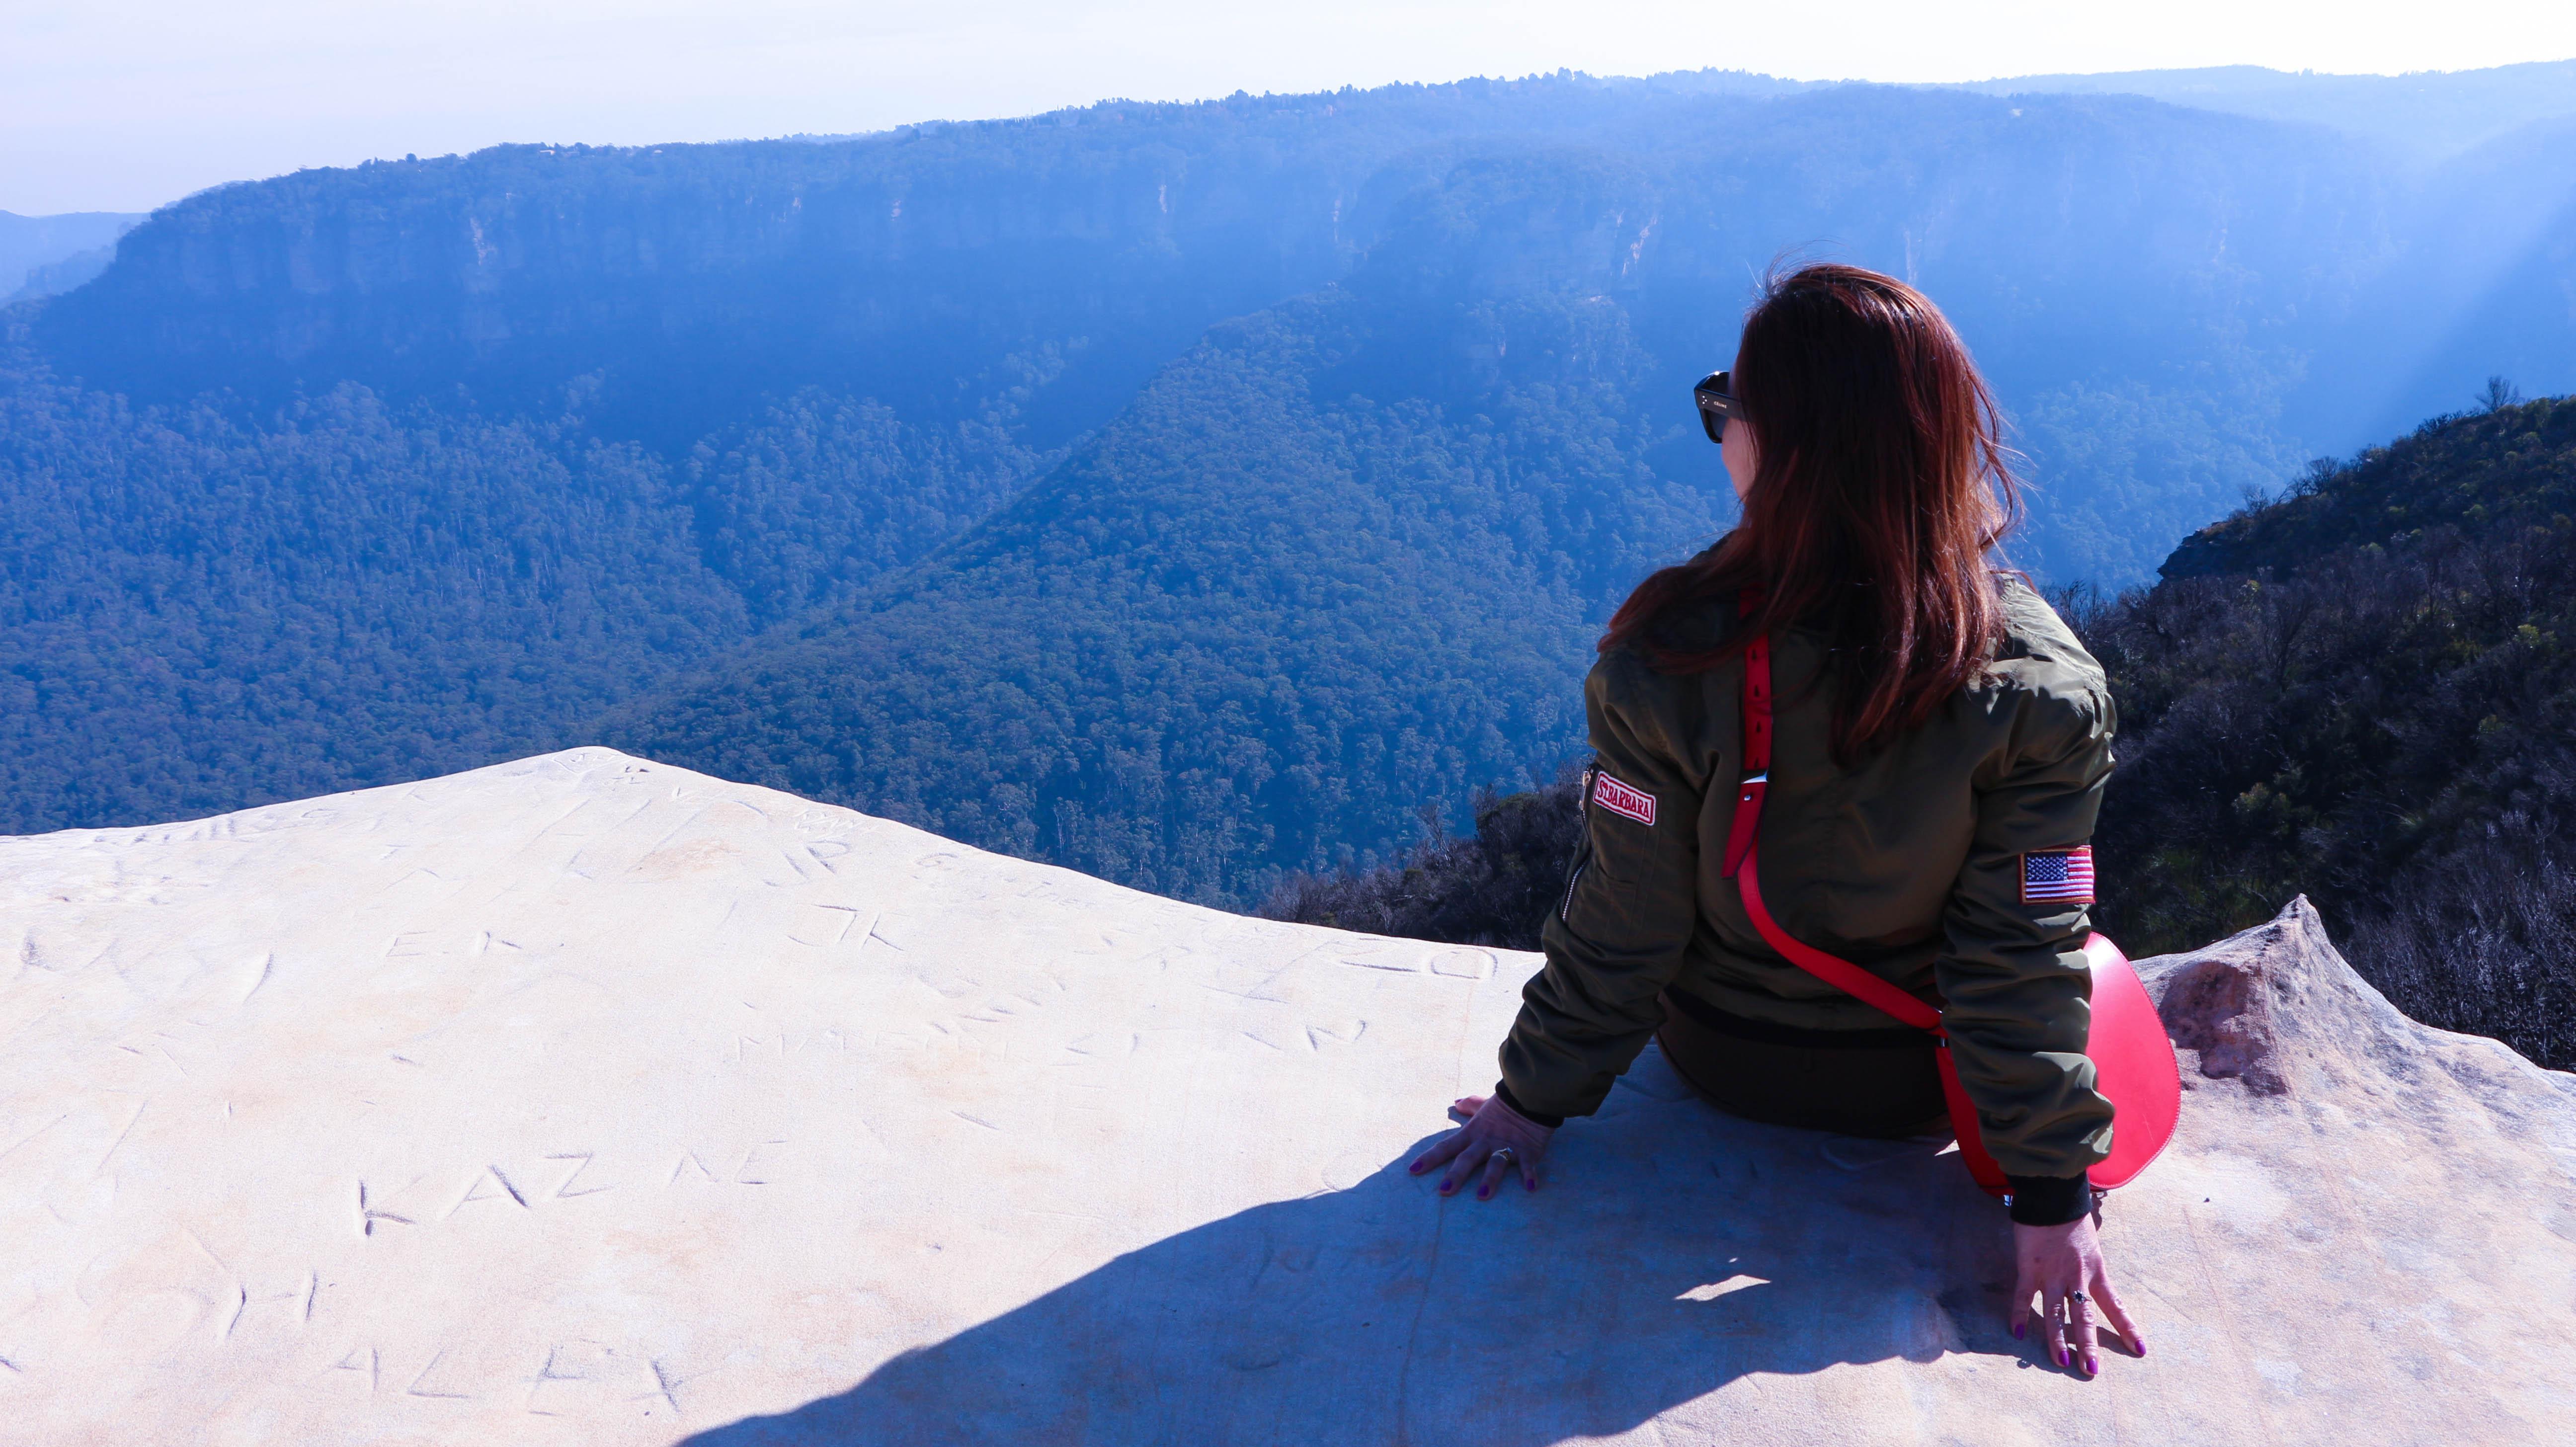 Where to find adventure in Australia